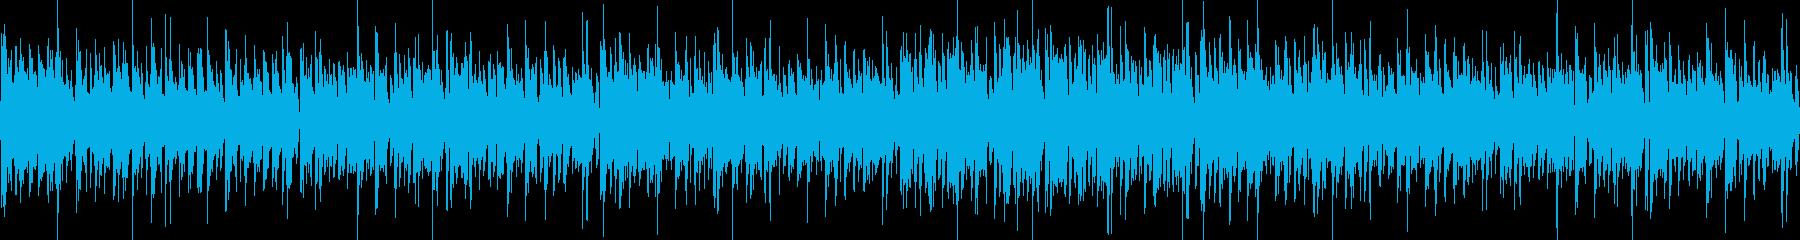 ゲームOP向きエレクトロ系(シンバル無)の再生済みの波形